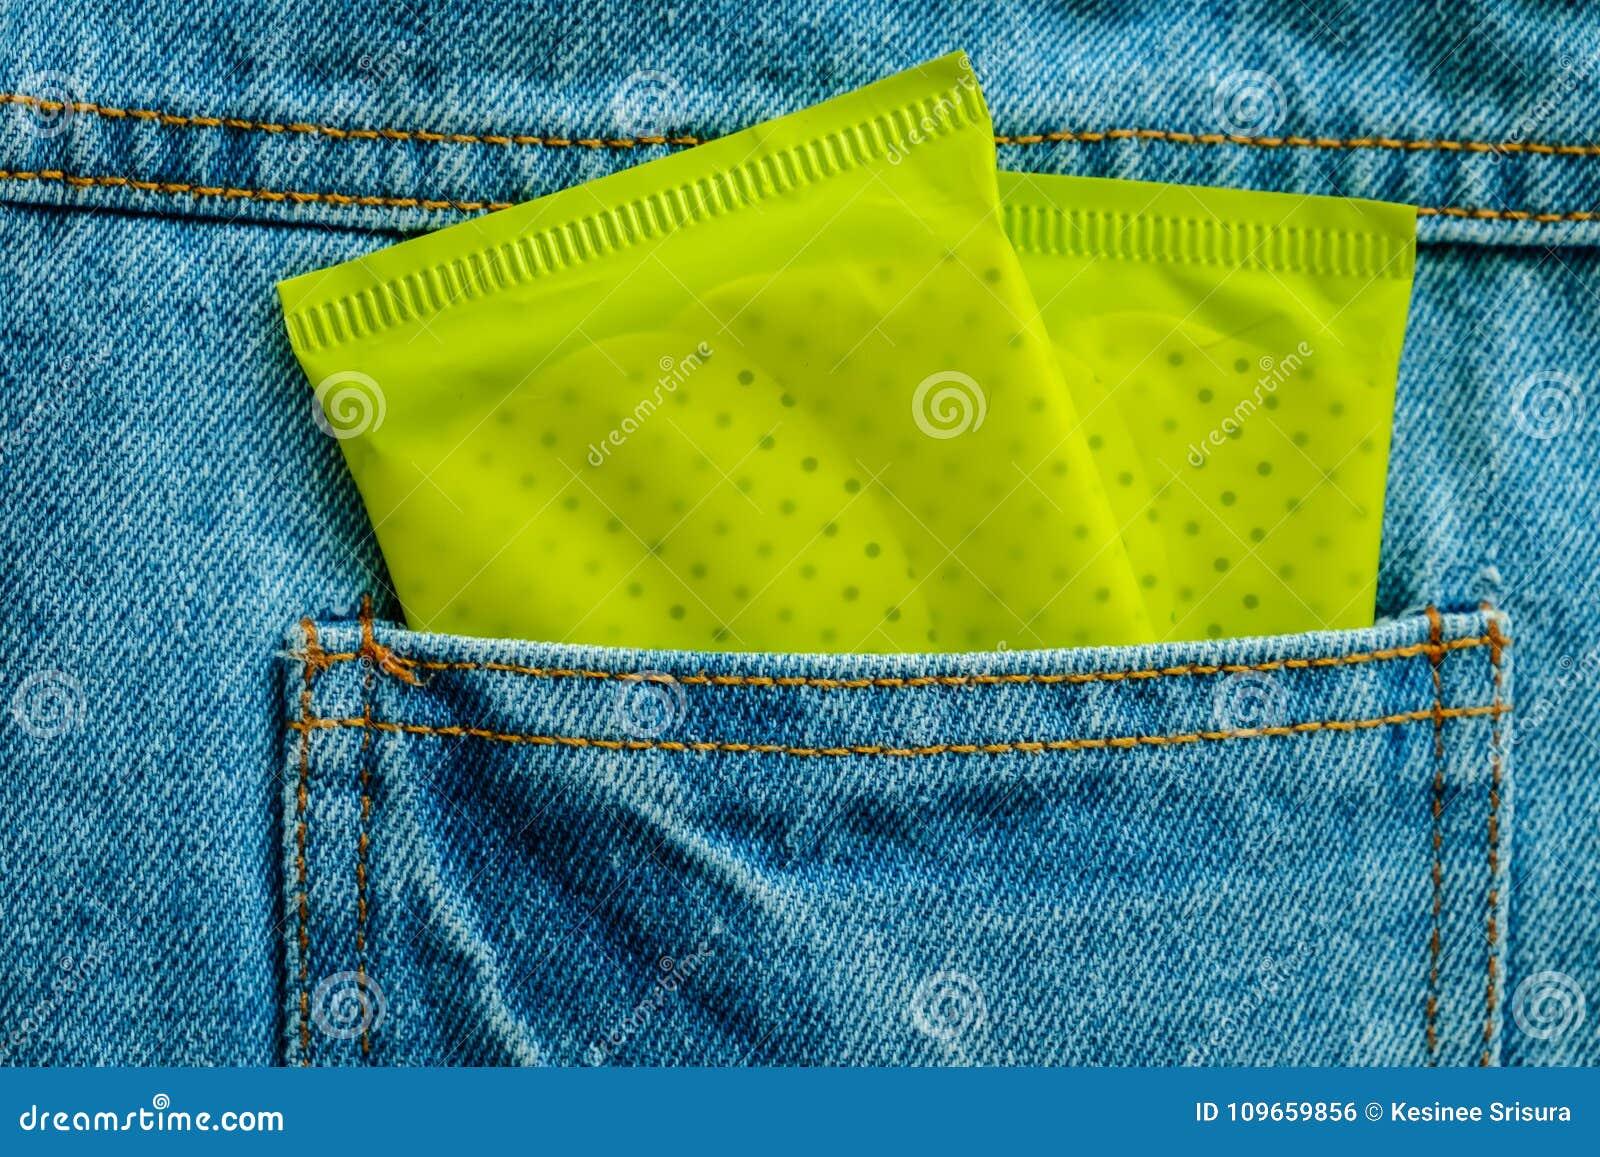 Paquet vert de serviette hygiénique féminine derrière le bleu de poche